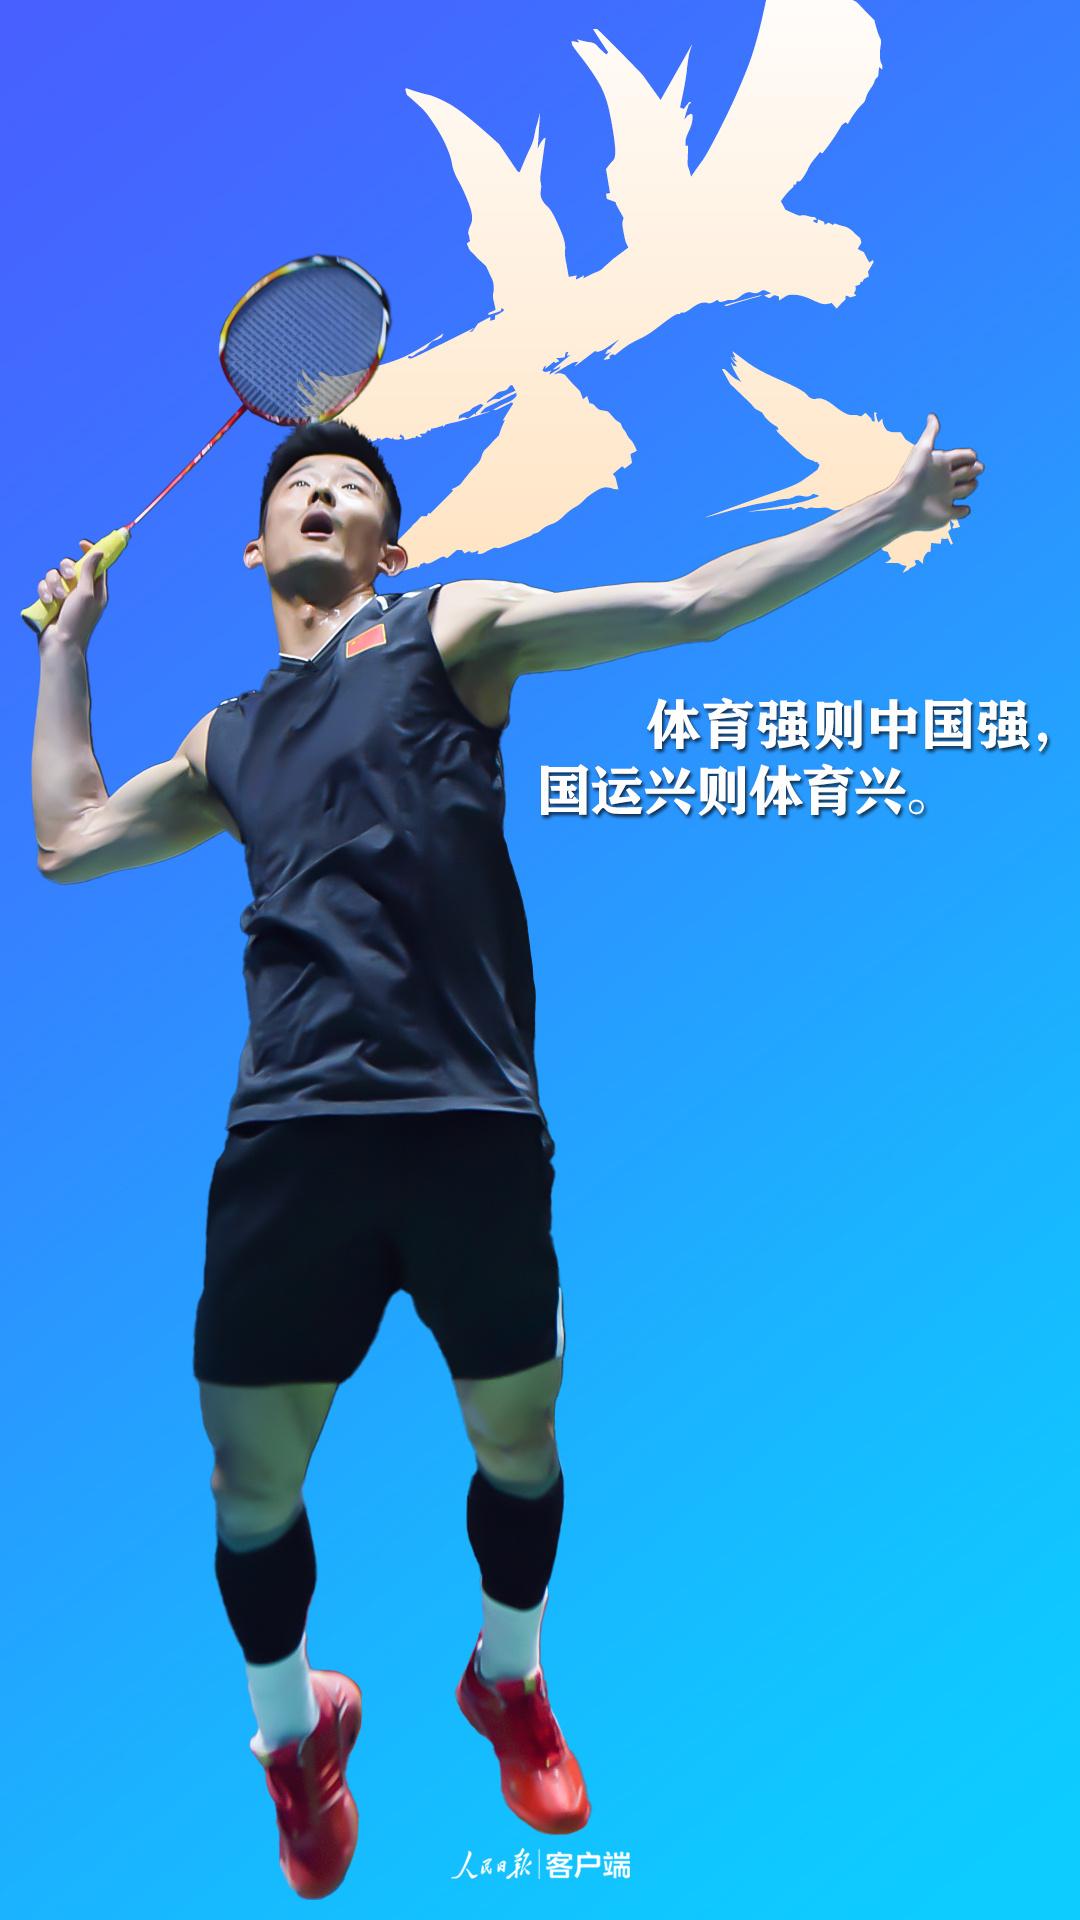 习近平心中的奥林匹克精神6.jpeg